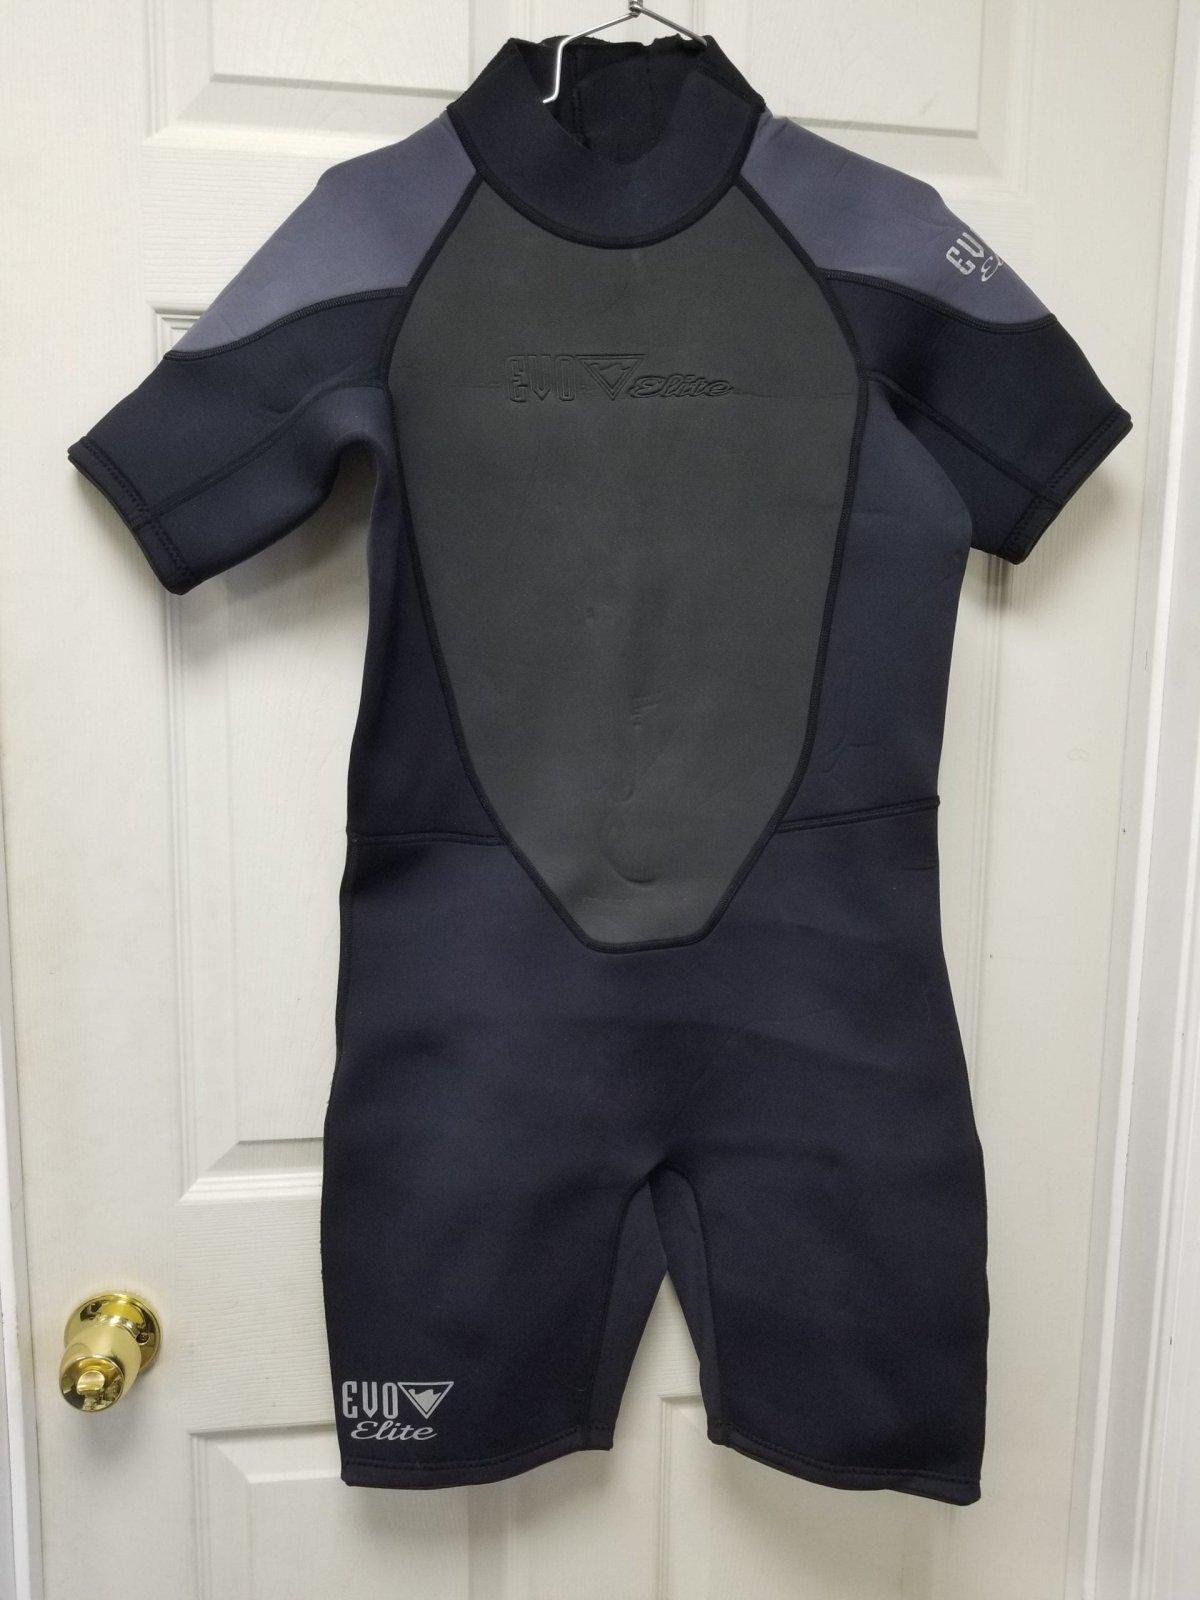 EVO Elite 3mm Shorty Wetsuit- X-Large - Used